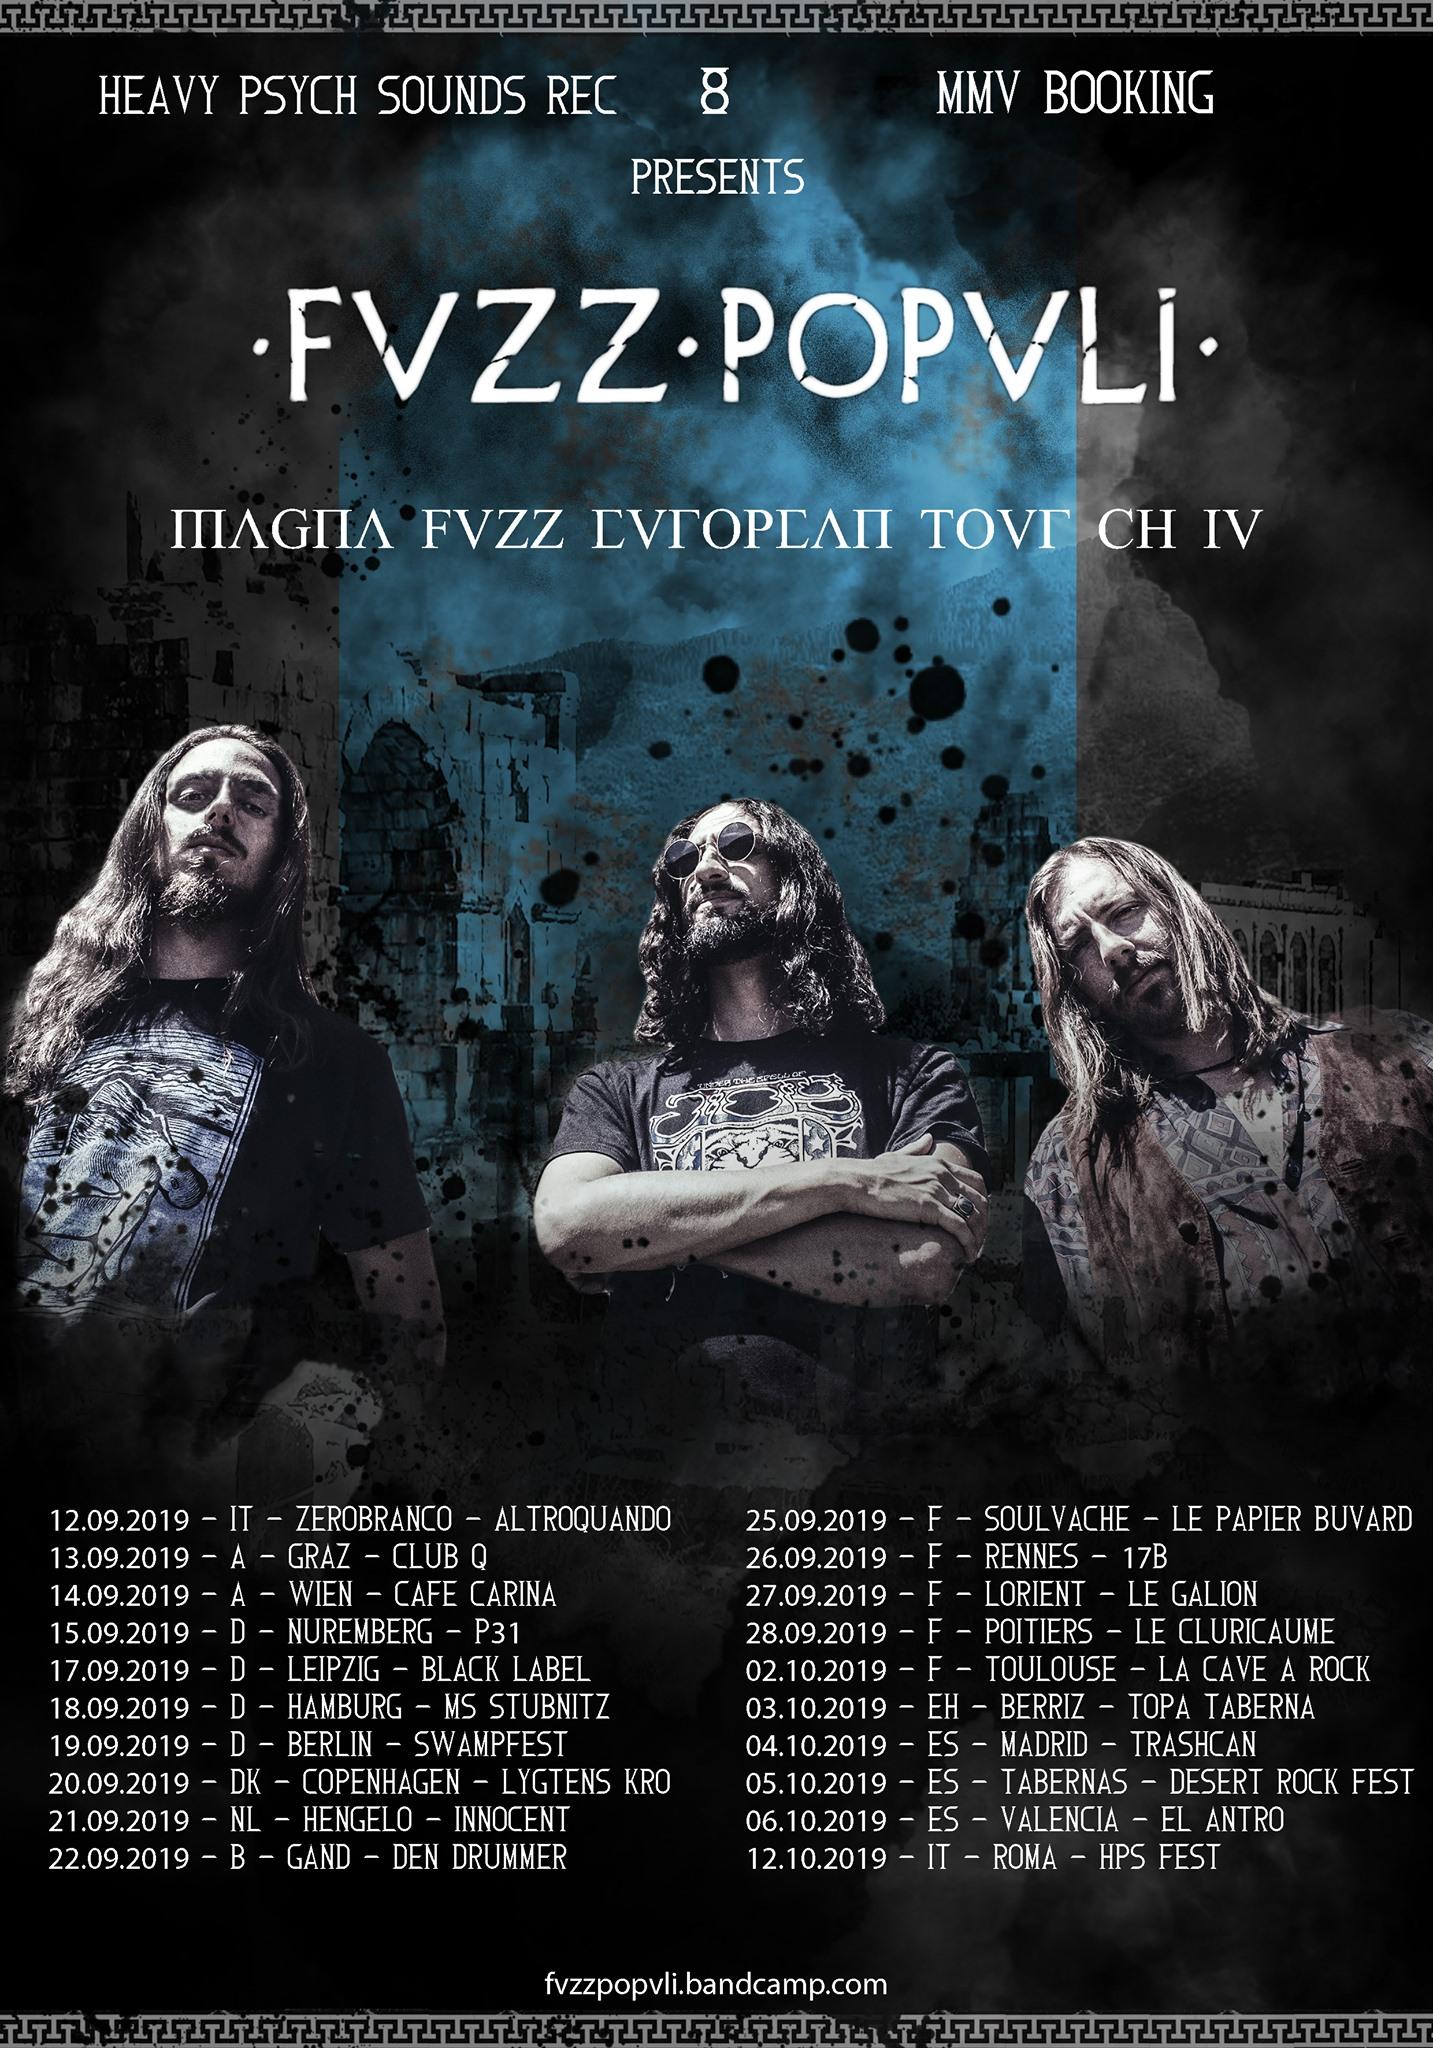 fvzz popvli tour poster